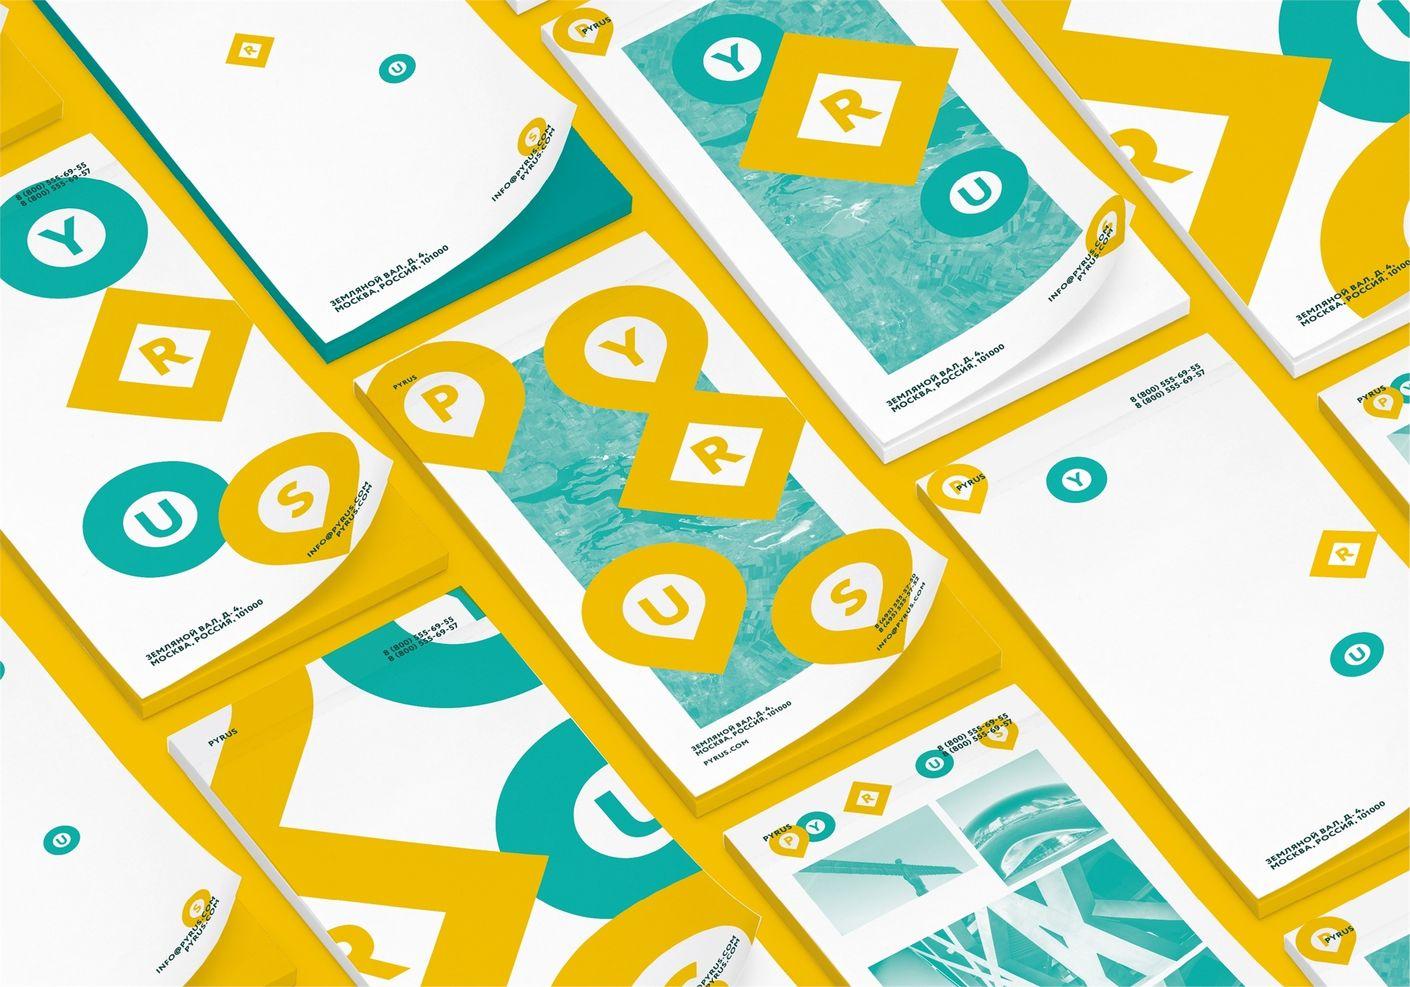 Фирменный стиль компании Pyrus от Лаборатории дизайна НИУ ВШЭ - hsedesignlab.ru